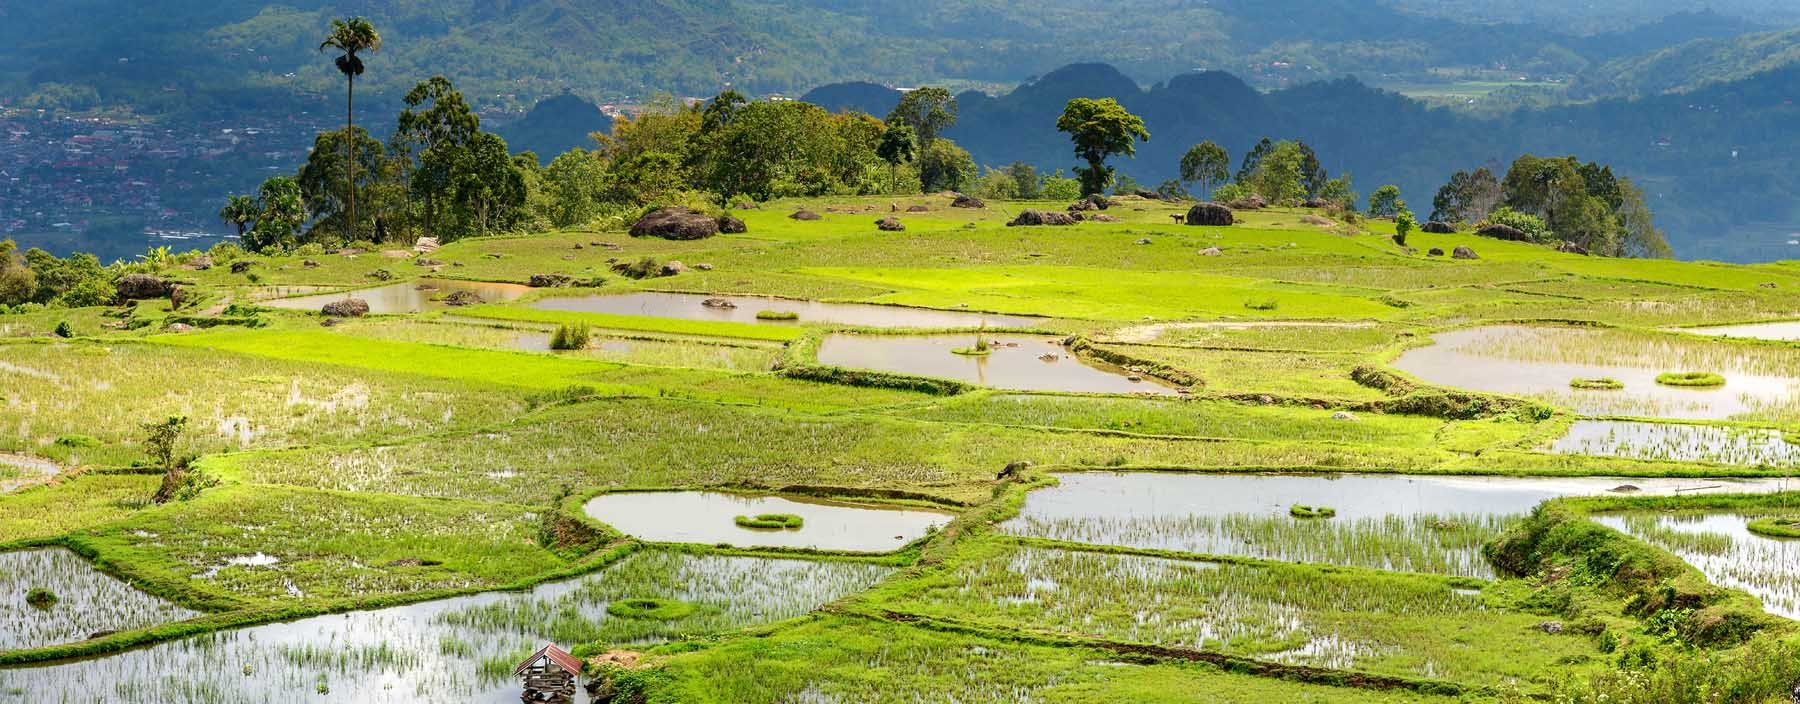 id, sulawesi, tana toraja, rice fields (3).jpg